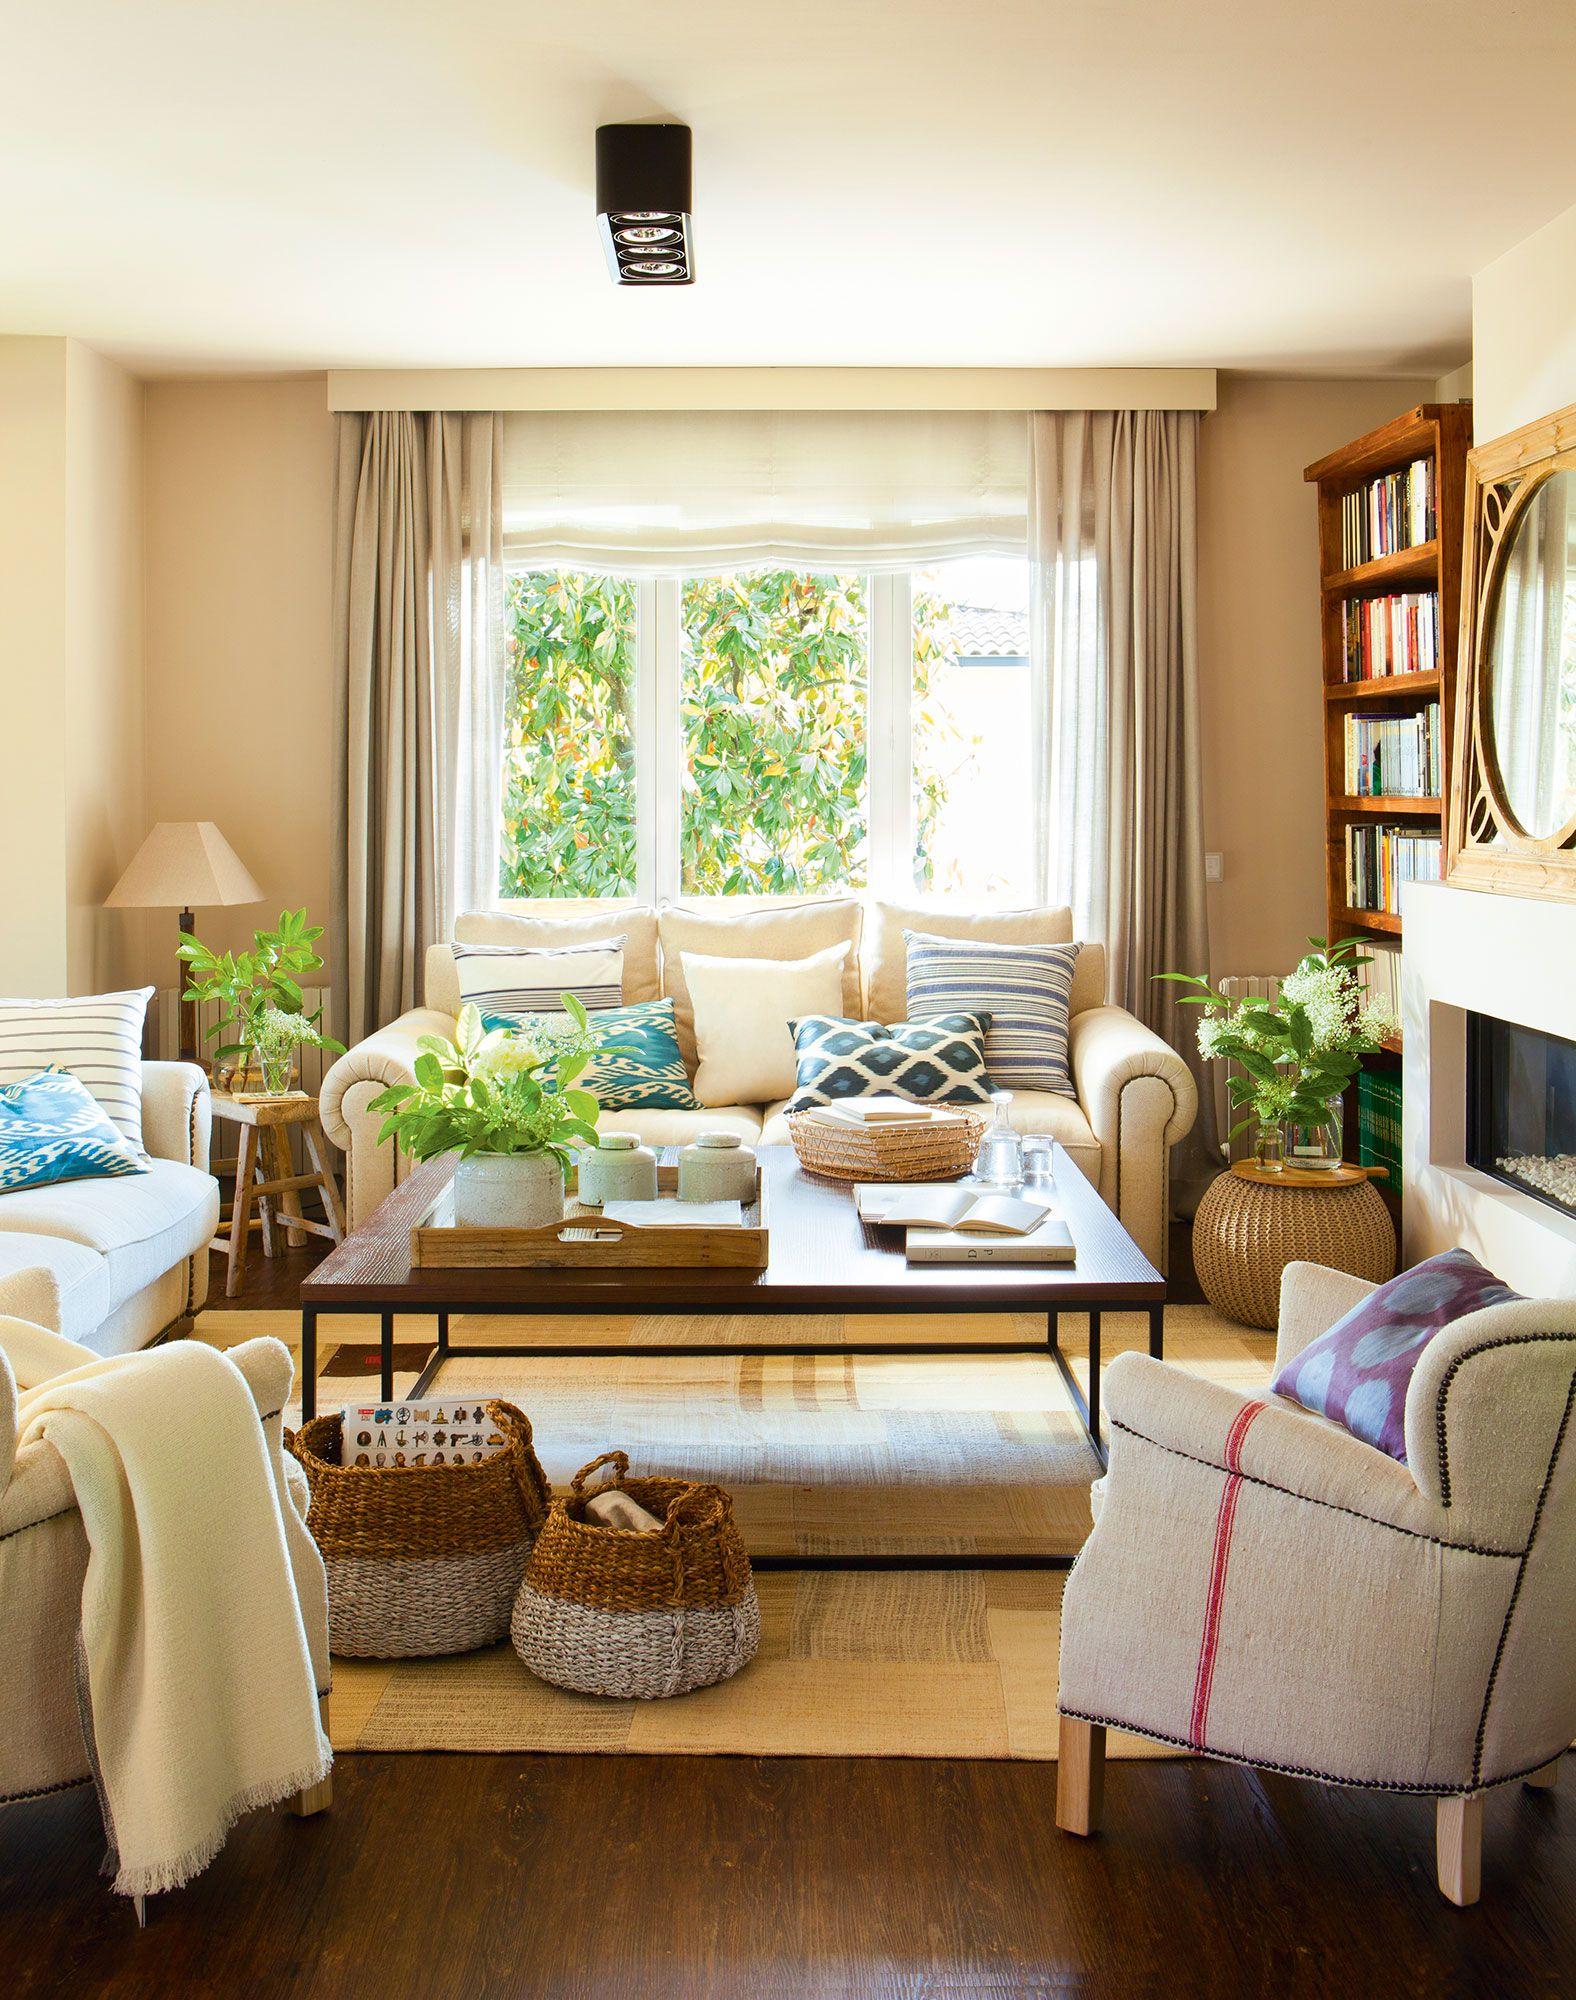 4 salones ideales ideas de decoradora para tener un sal n - Ideas salones pequenos ...